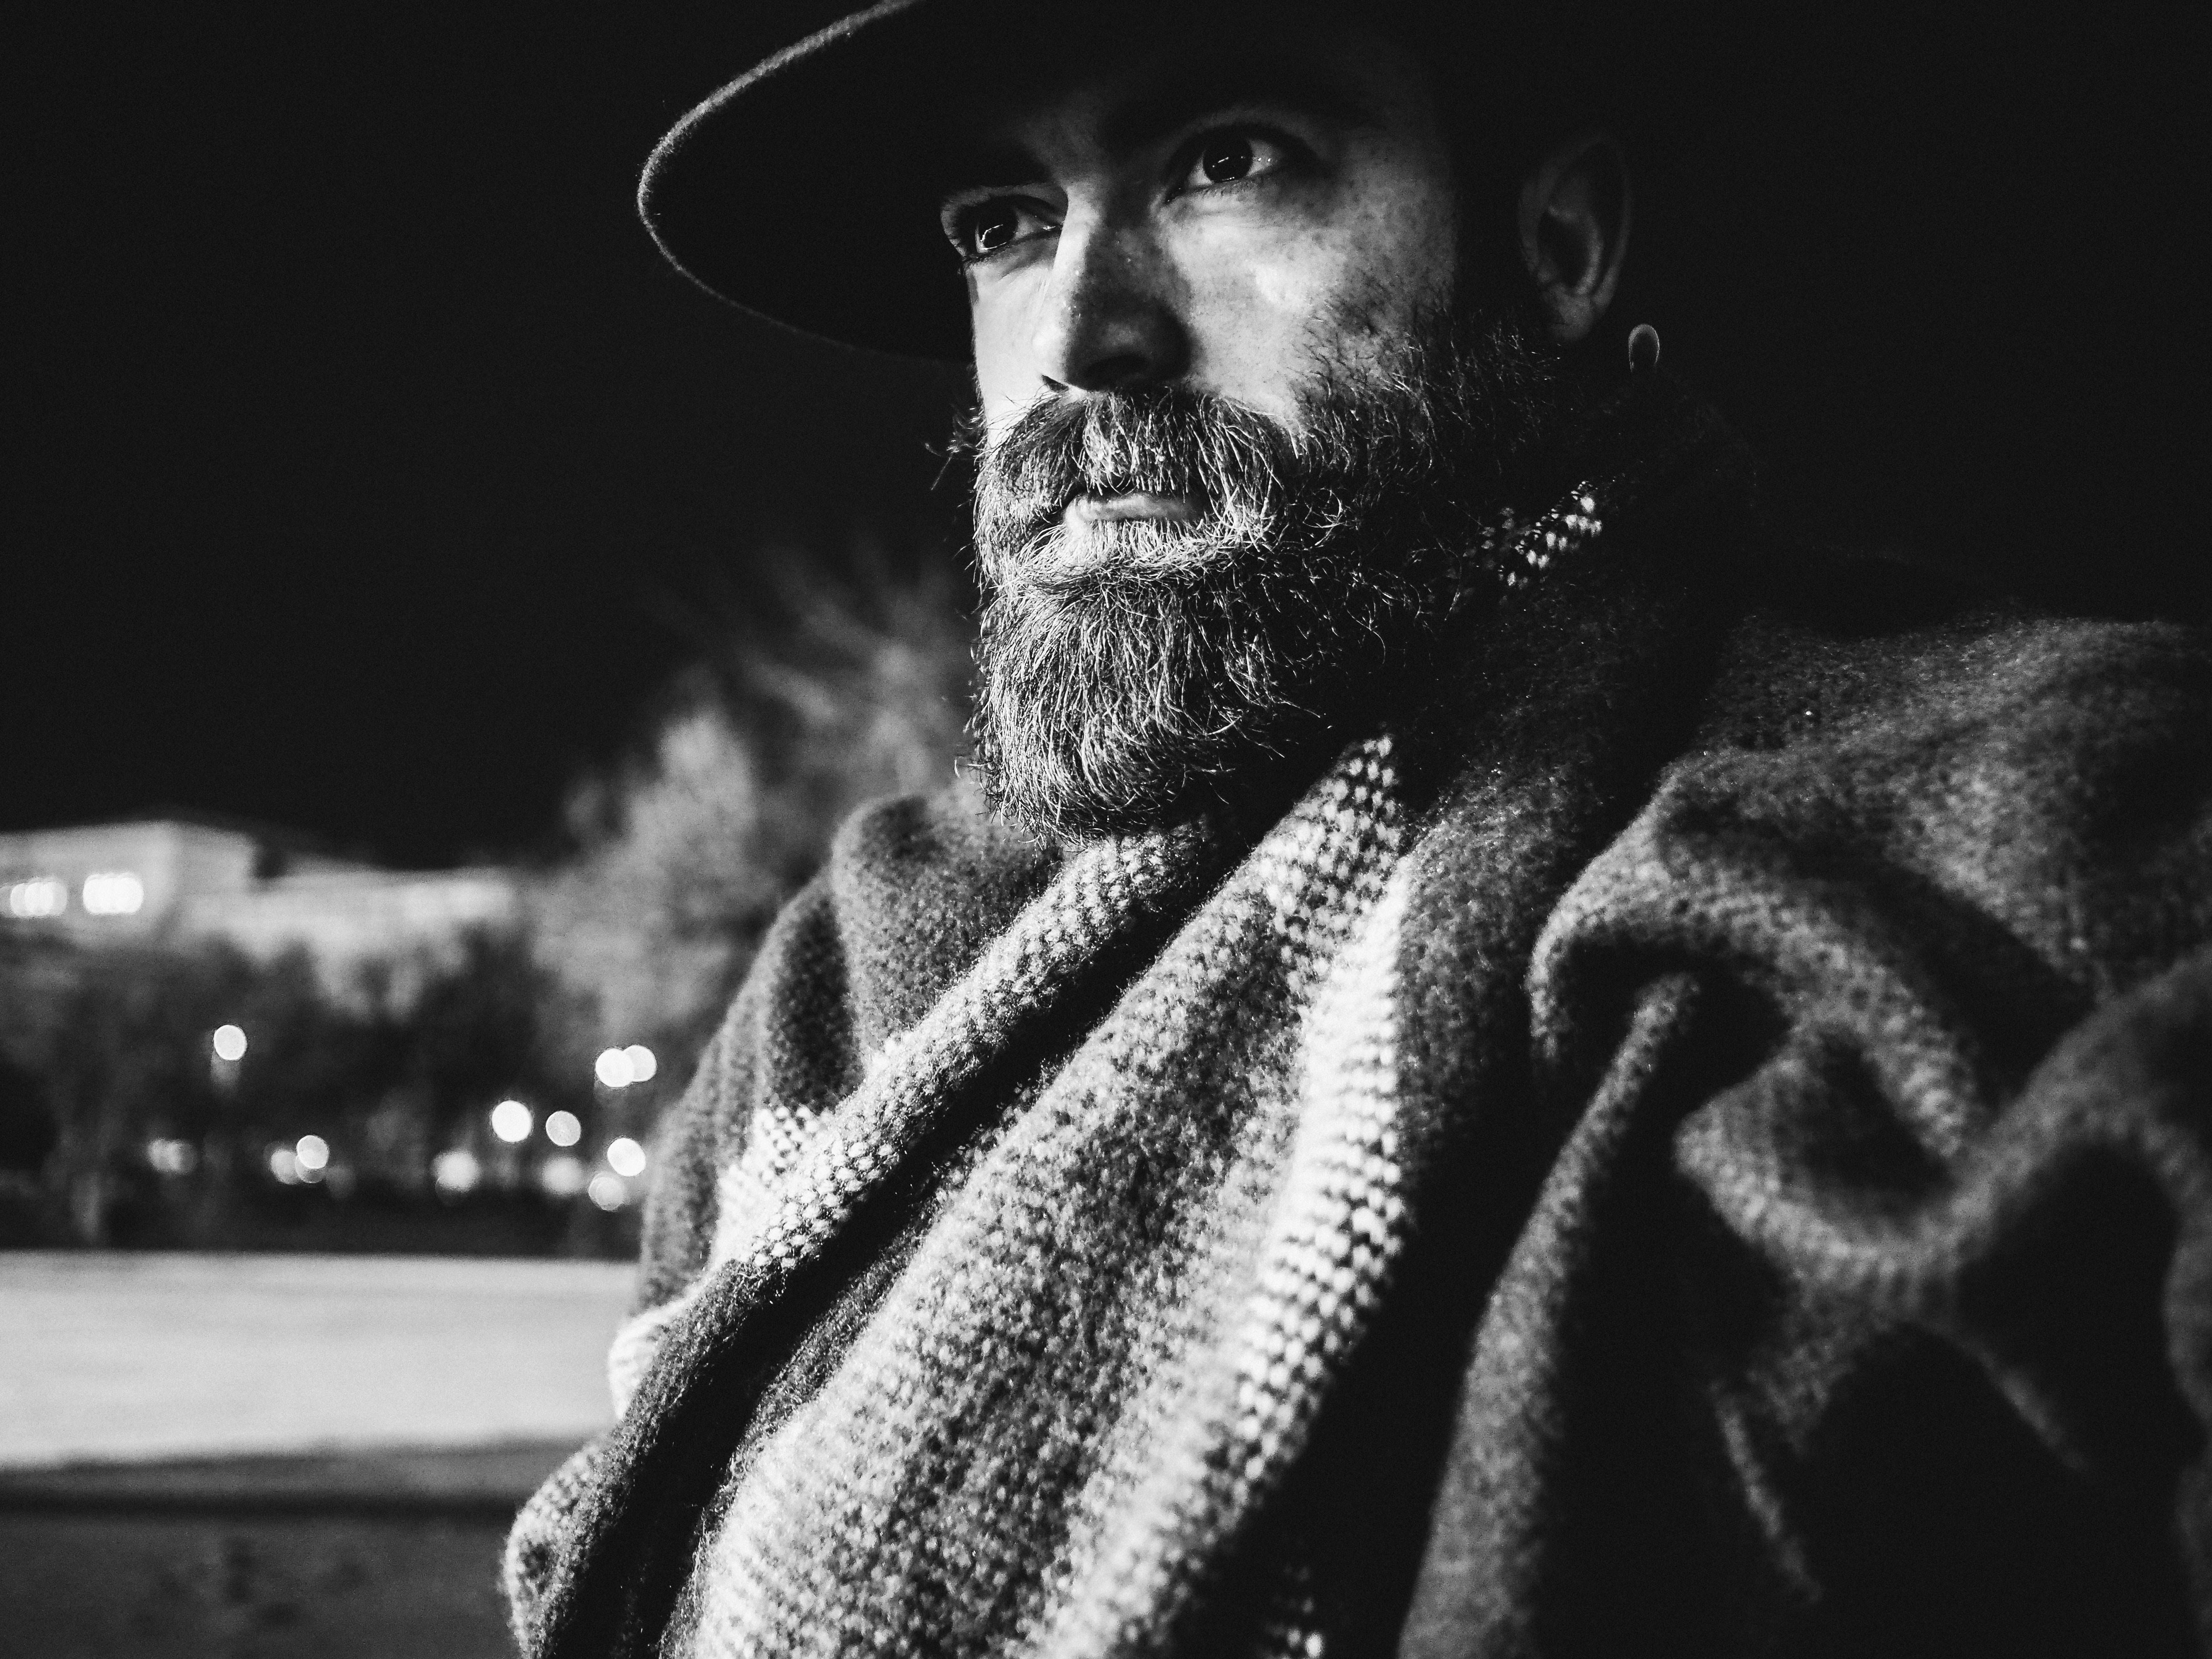 man sitting wearing cap and shawl